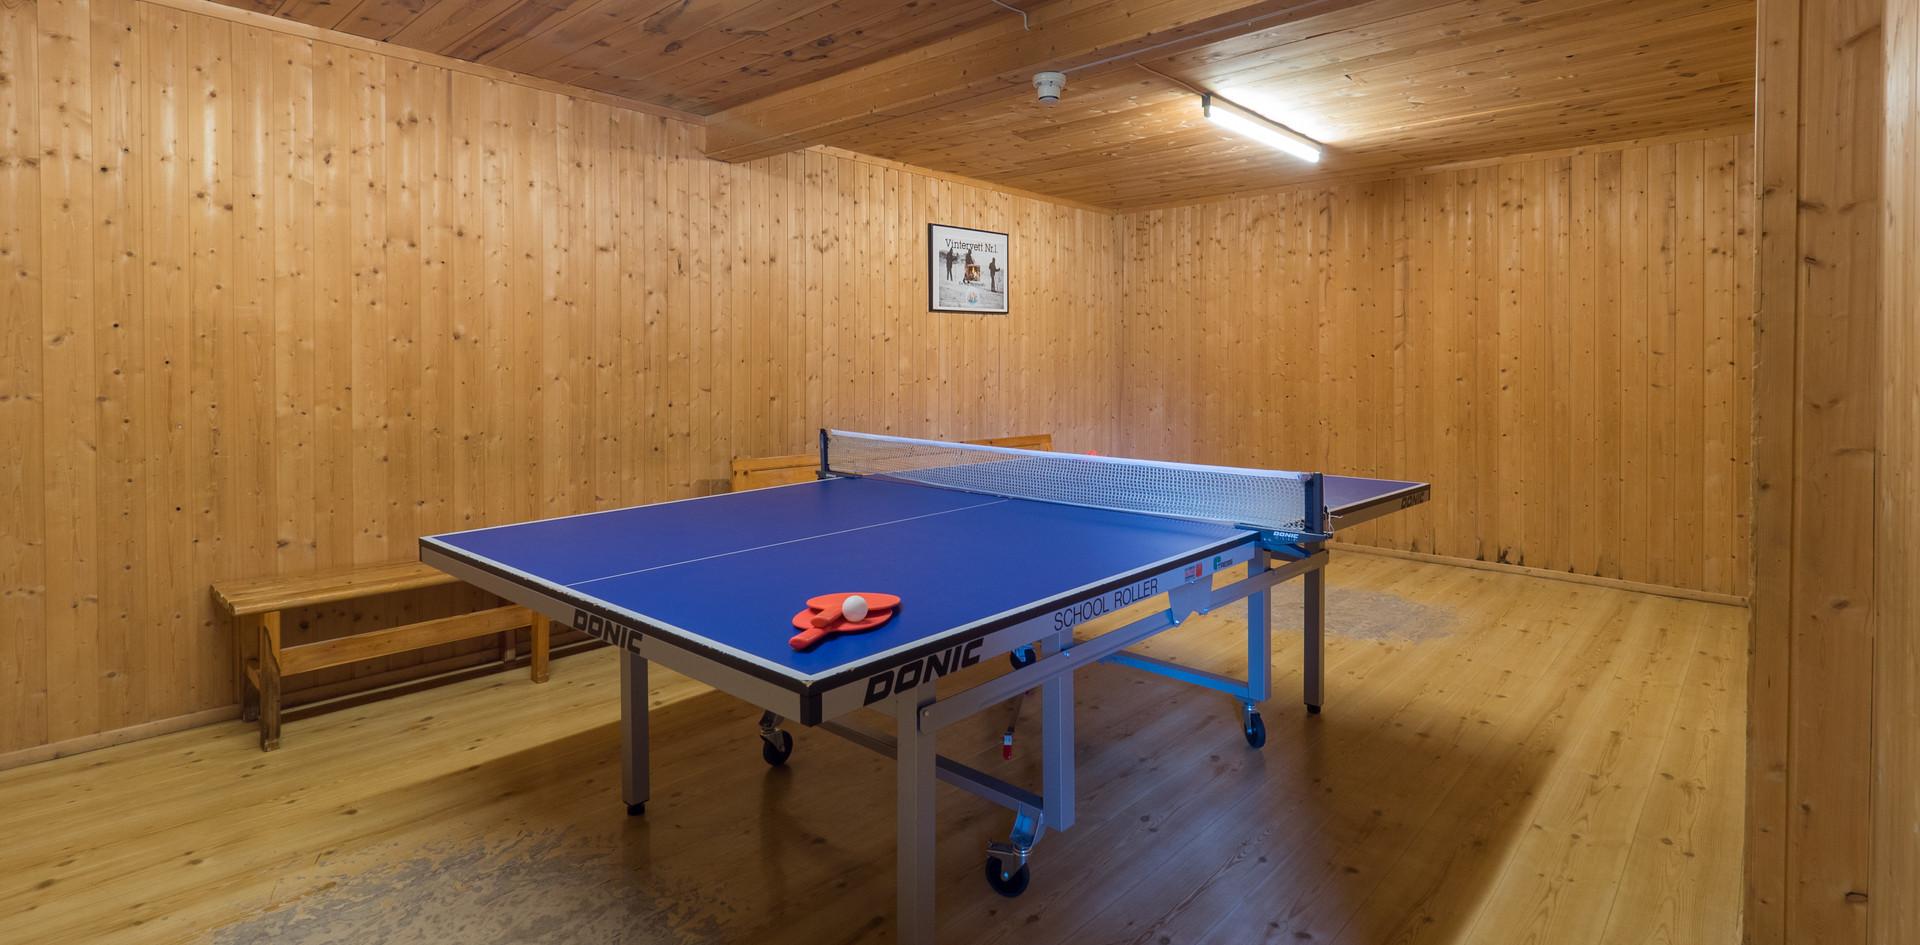 Ping-pong bord i kjelleren.